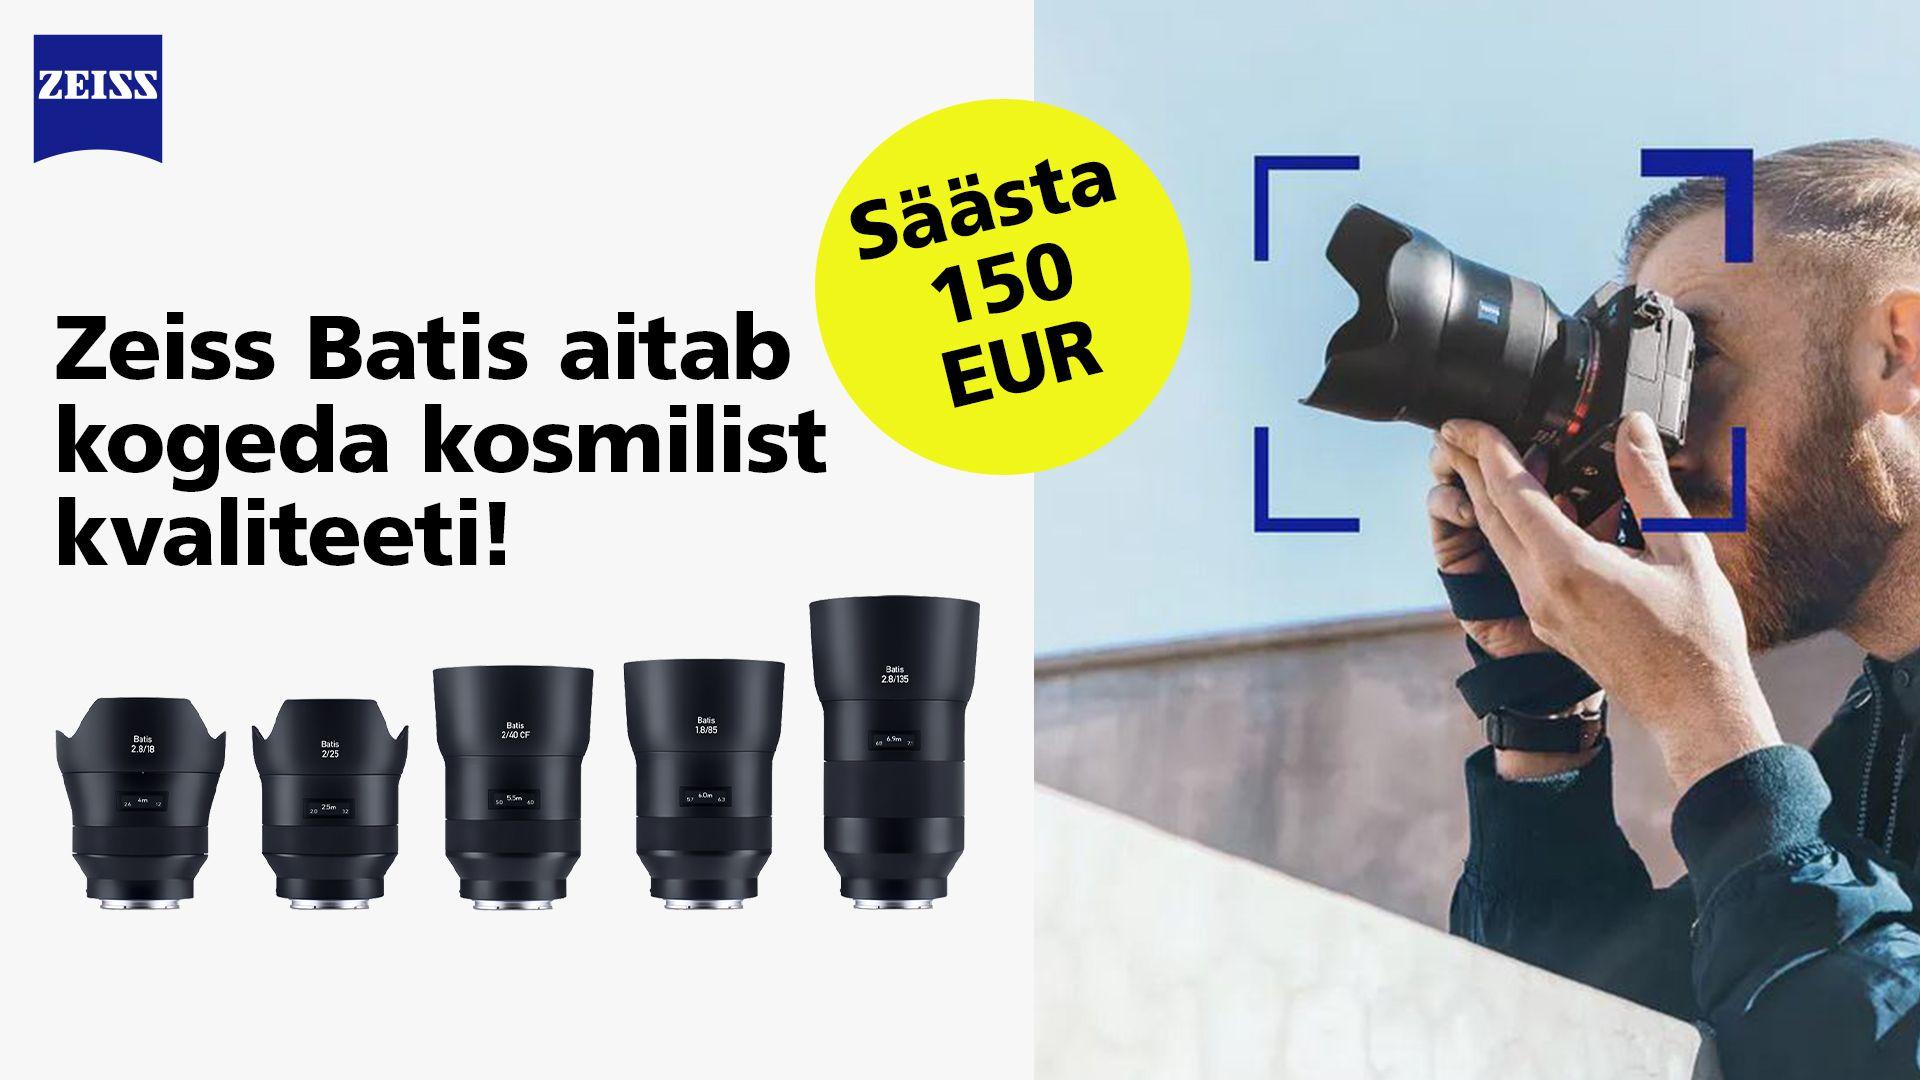 Sa oled seda väärt – Zeiss Batis profiobjektiivid on 150€ soodsamad